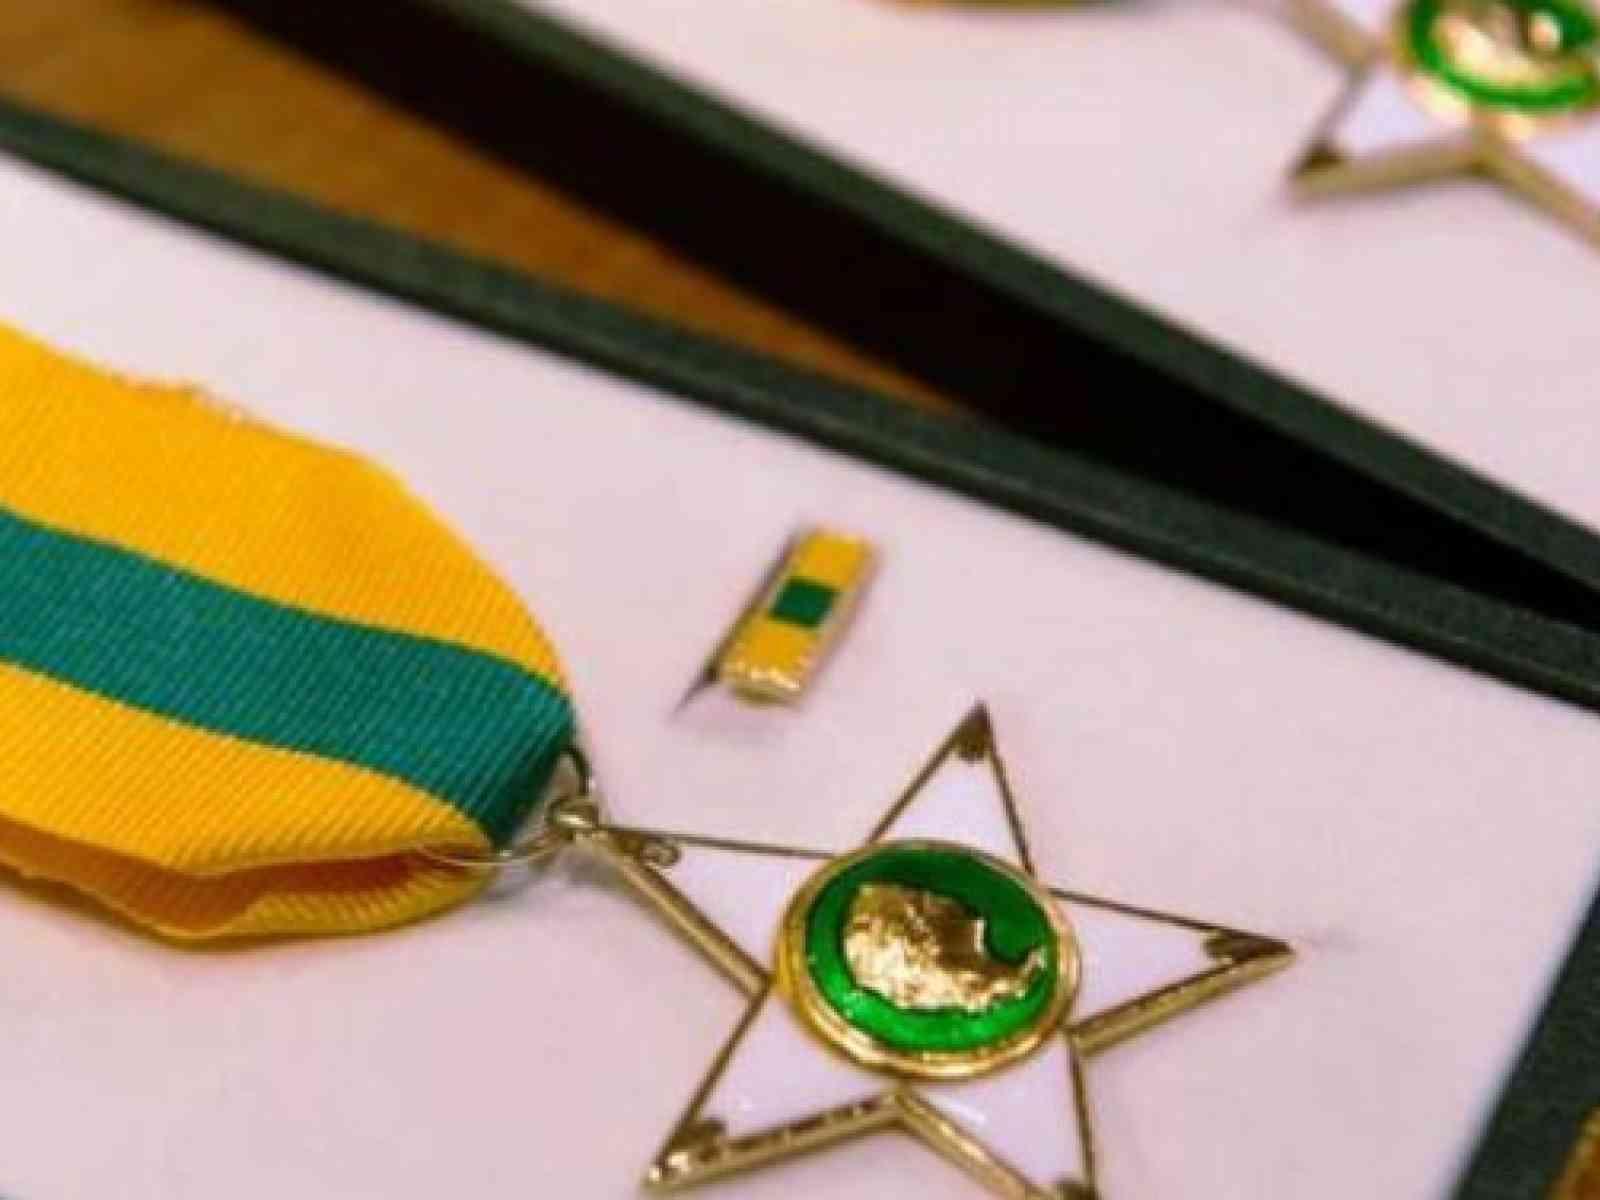 Immagine articolo: Concesse dal Presidente Mattarella sei onorificenze al Merito. Sambucese tra i premiati